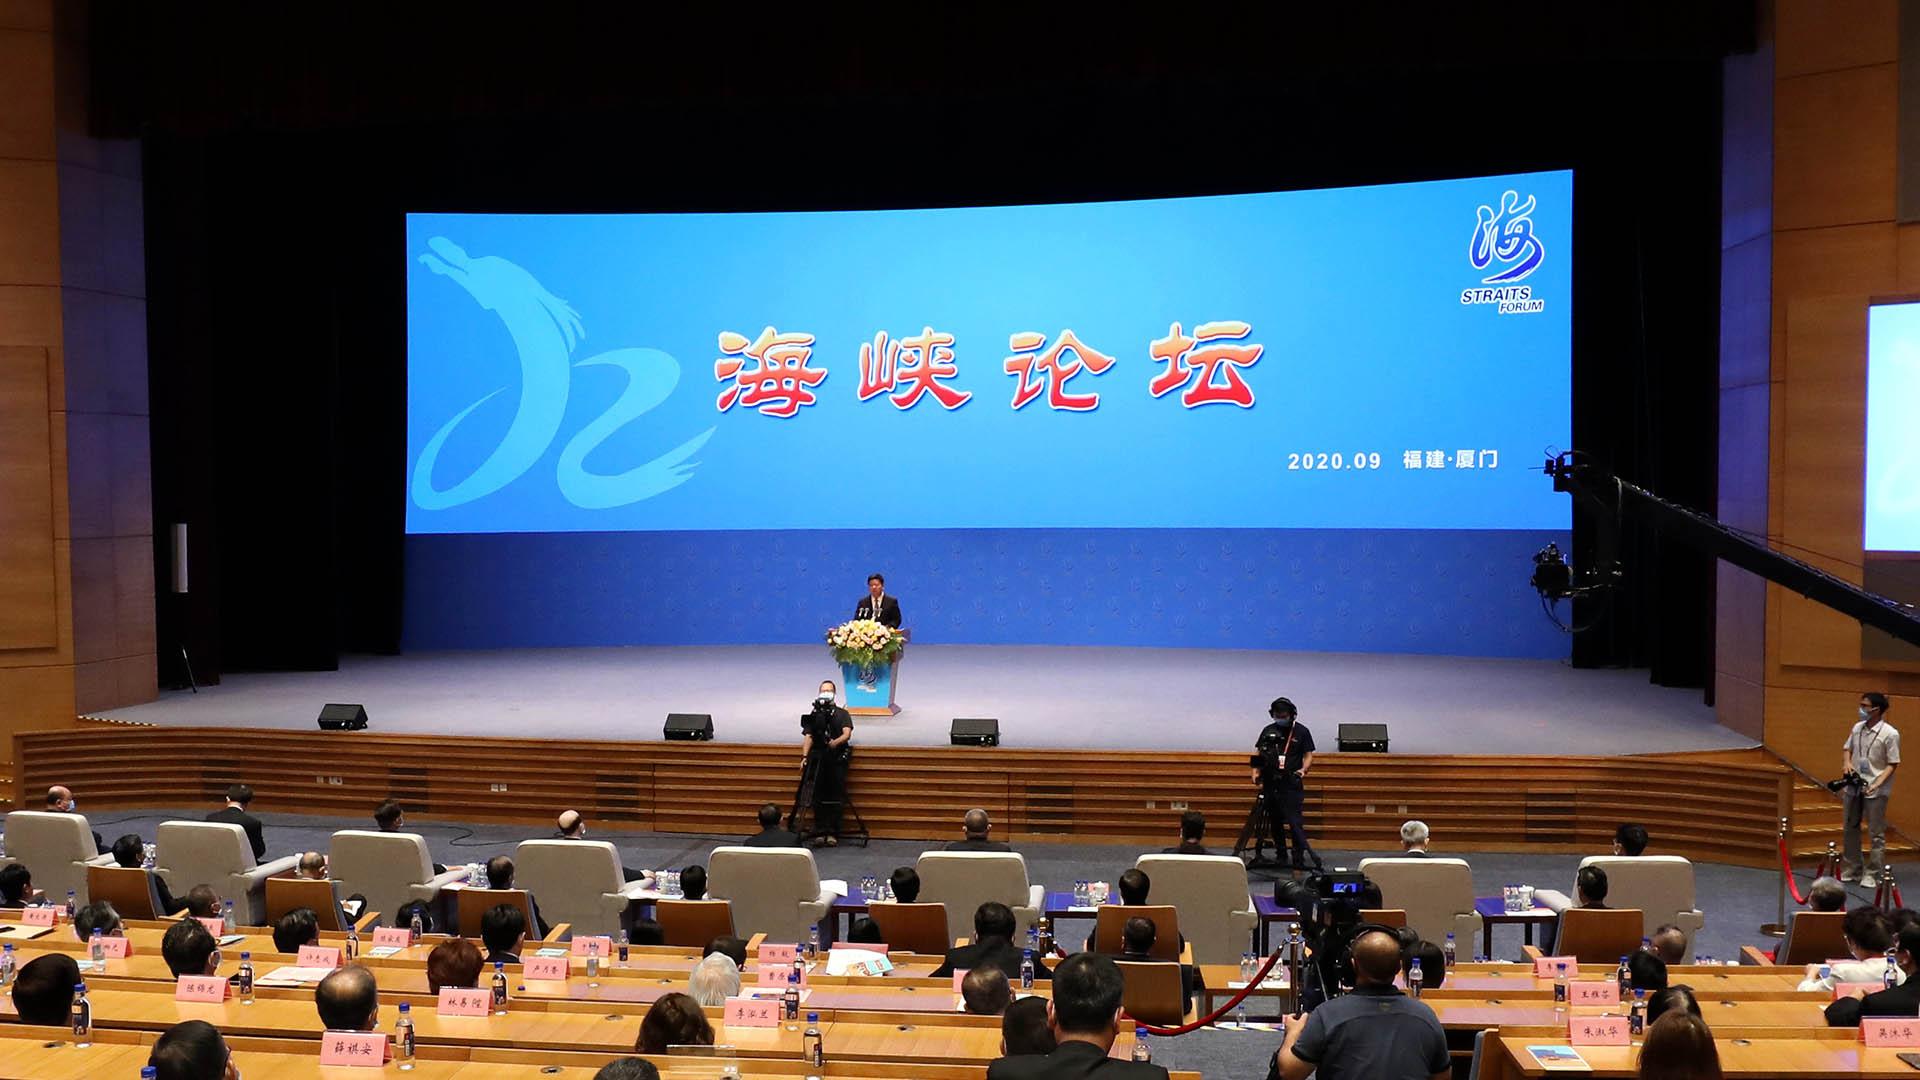 作为两岸最大的民间交流盛会,海峡论坛今年已经进入第十二年,中华民族致公党主席……